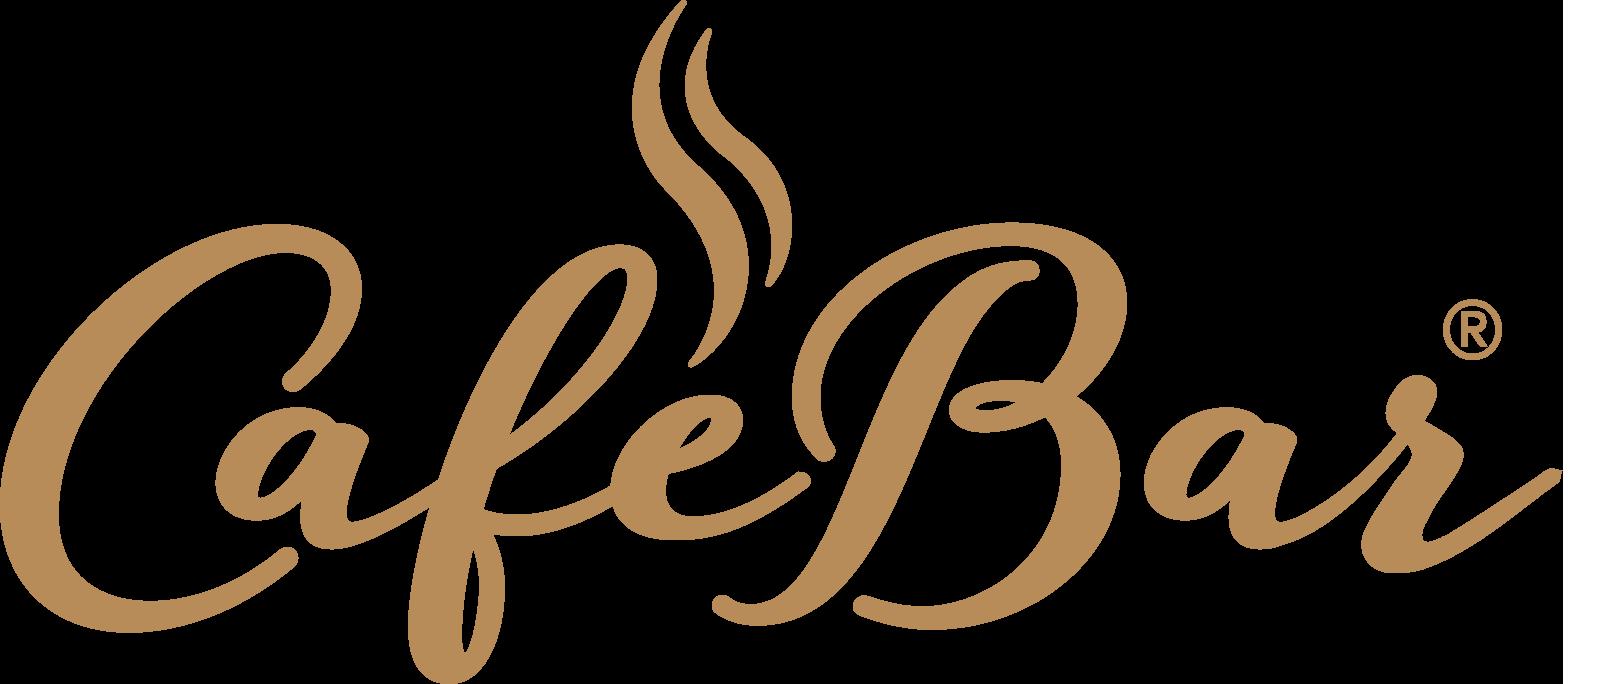 CaféBar